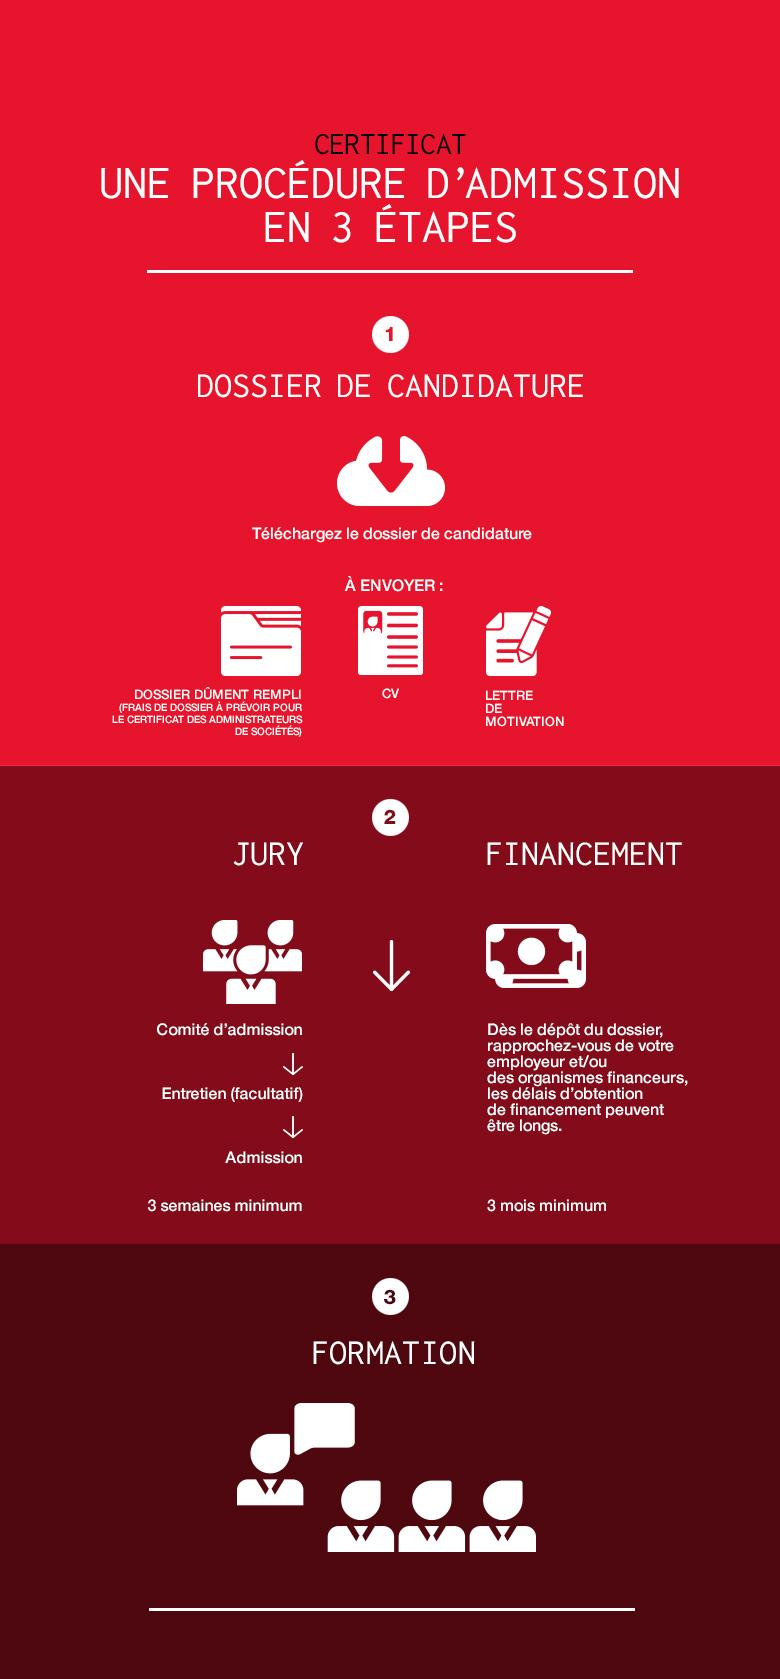 Certificat - procédure d'admission en 3 étapes [infographie]